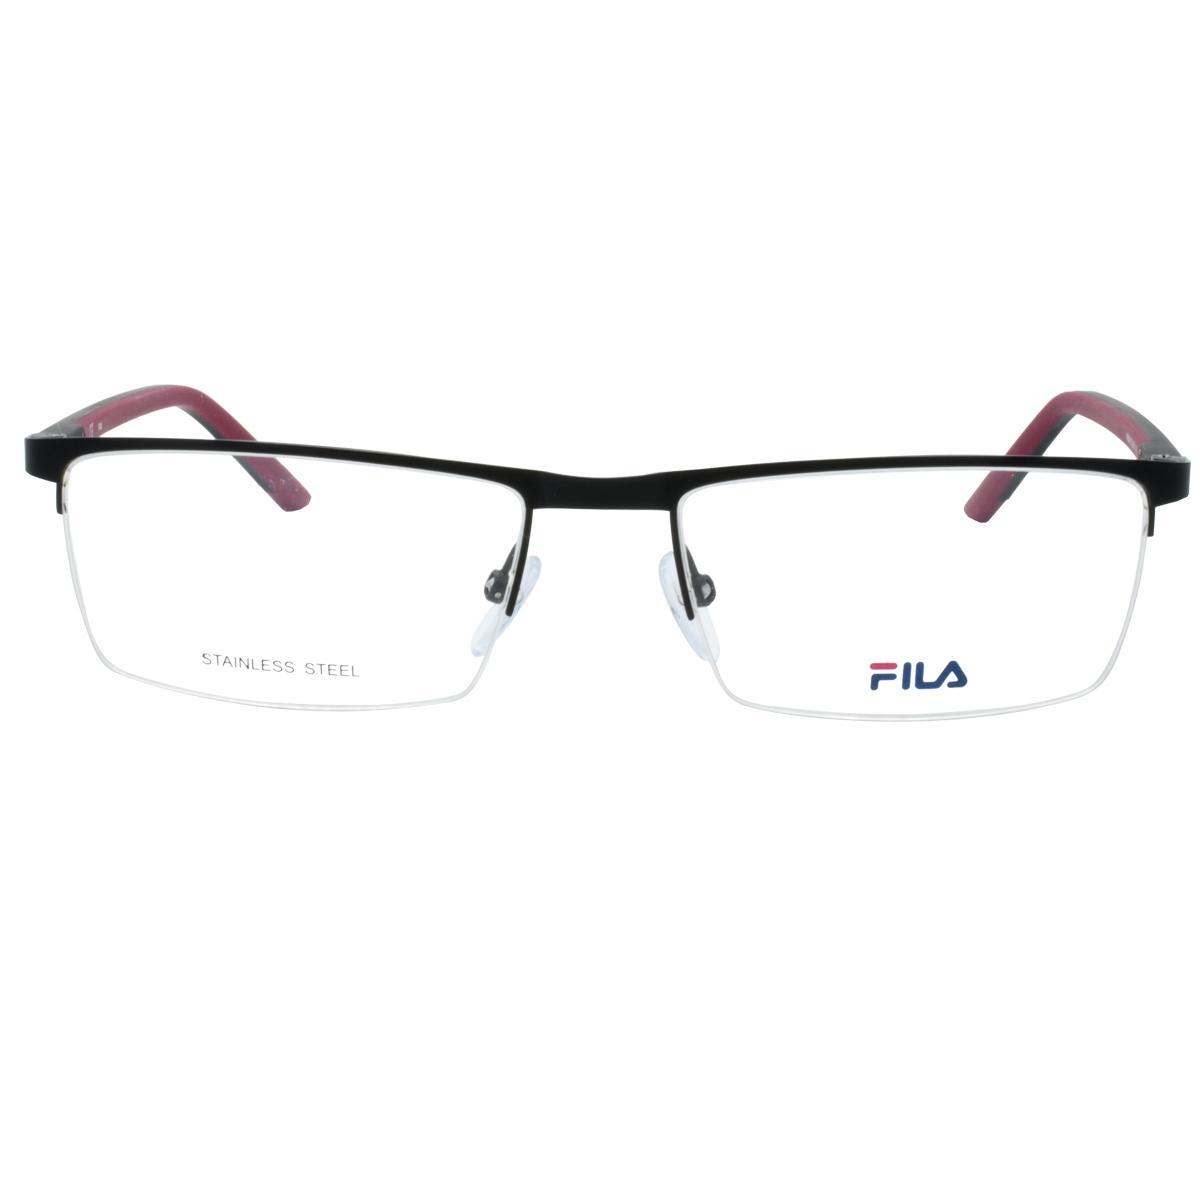 3f566a4c3 Óculos de Grau Fio de Nylon Fila Masculino Metal Preto e Vermelho - VF9839 0531  57 Produto não disponível